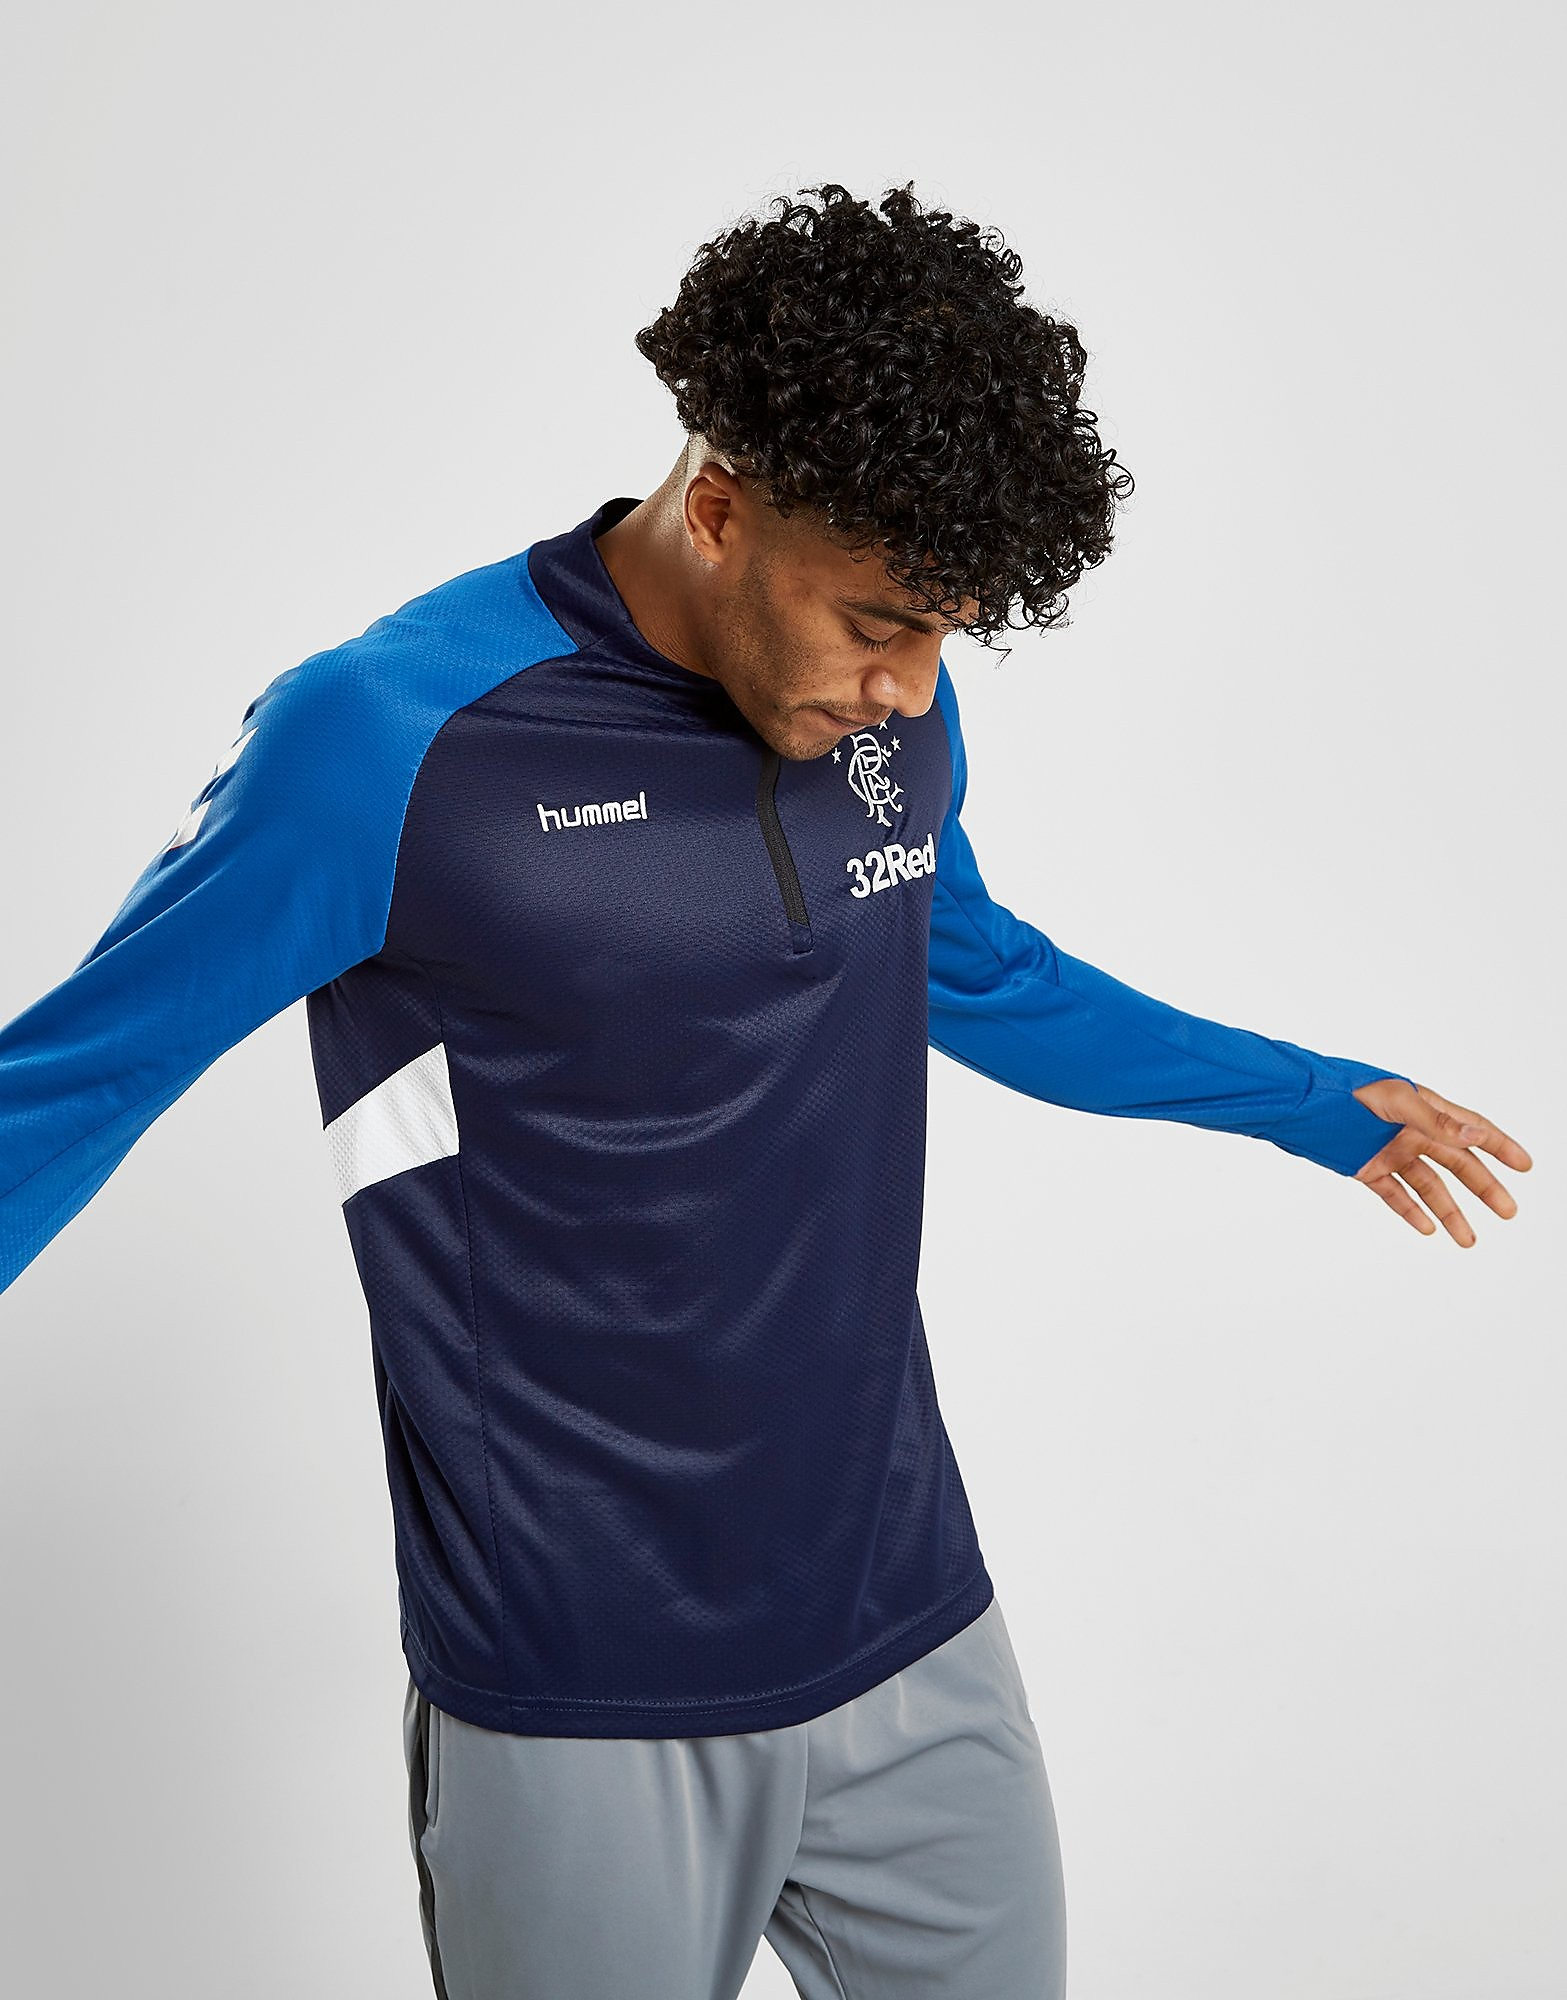 Hummel Rangers FC Training 1/2 Zip Top Heren PRE ORDER - Blauw - Heren